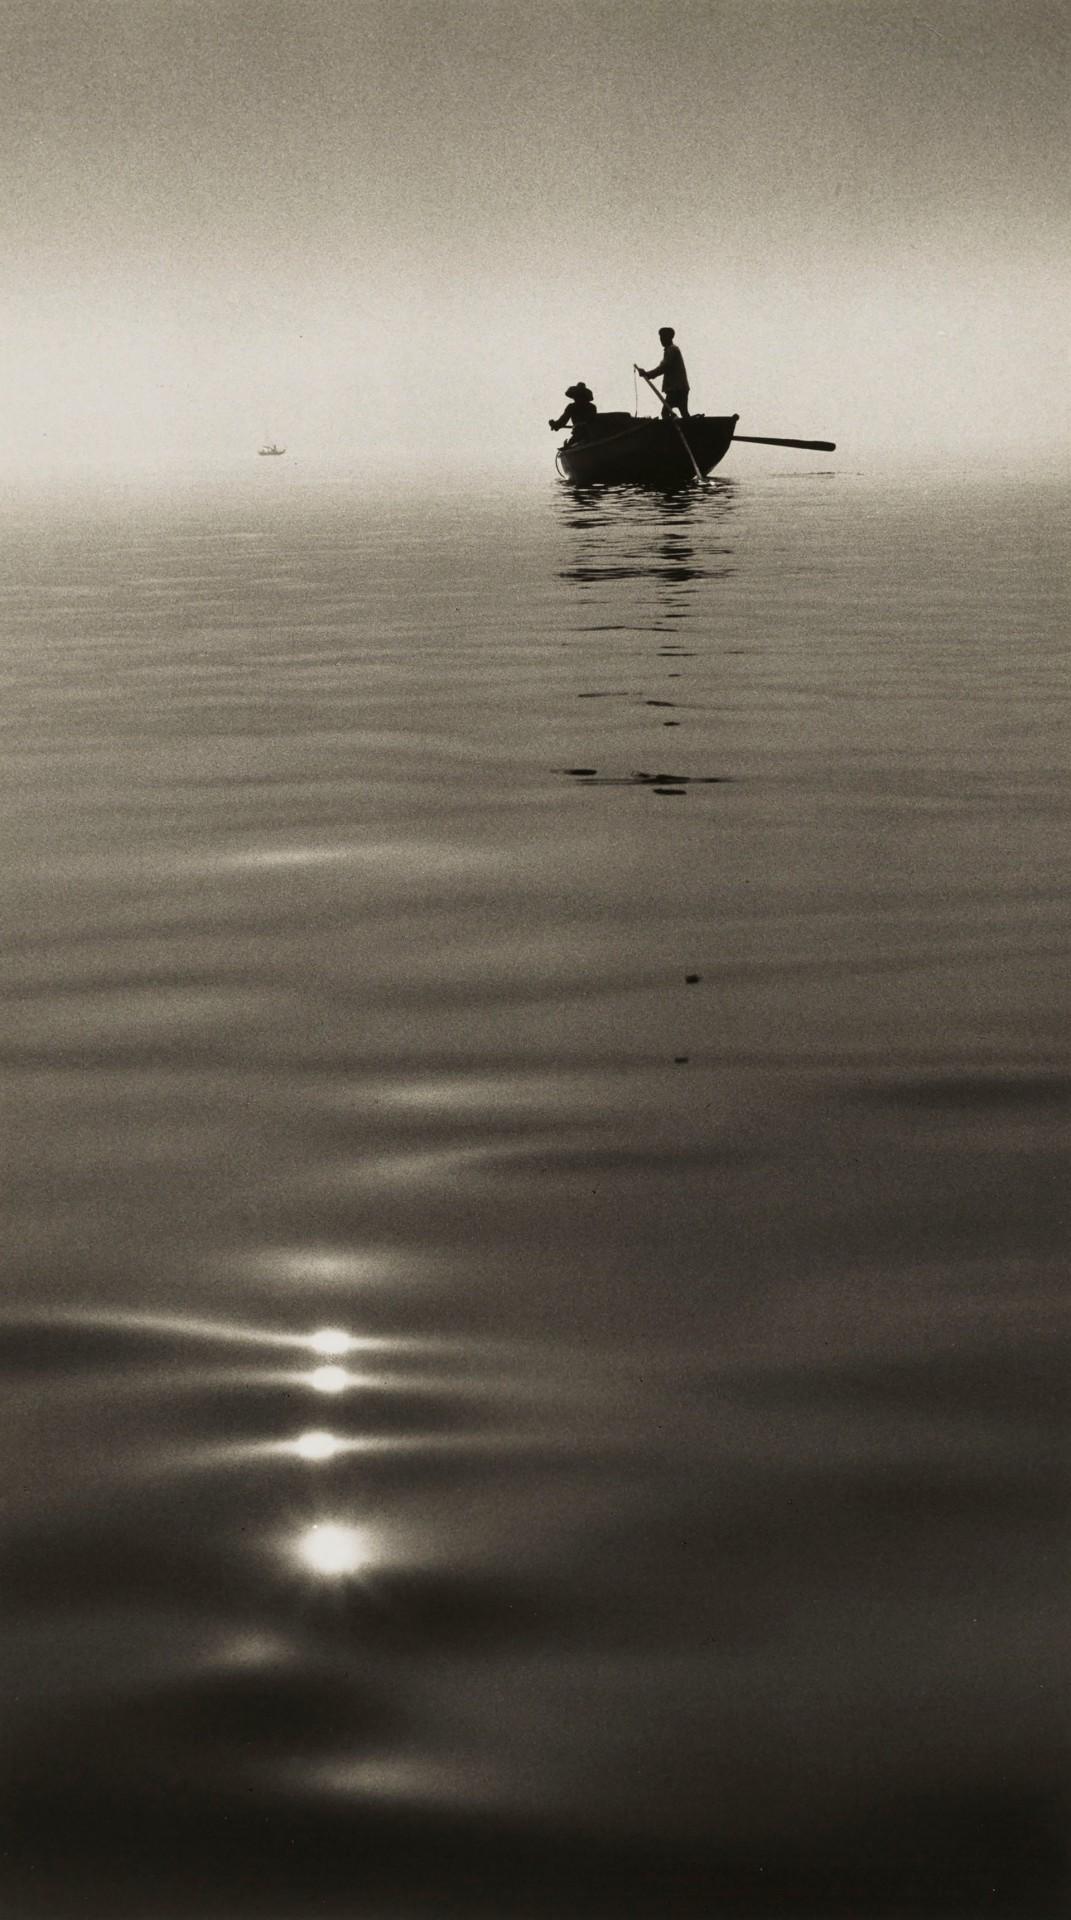 Плыть в туман, 1955. Автор Фан Хо